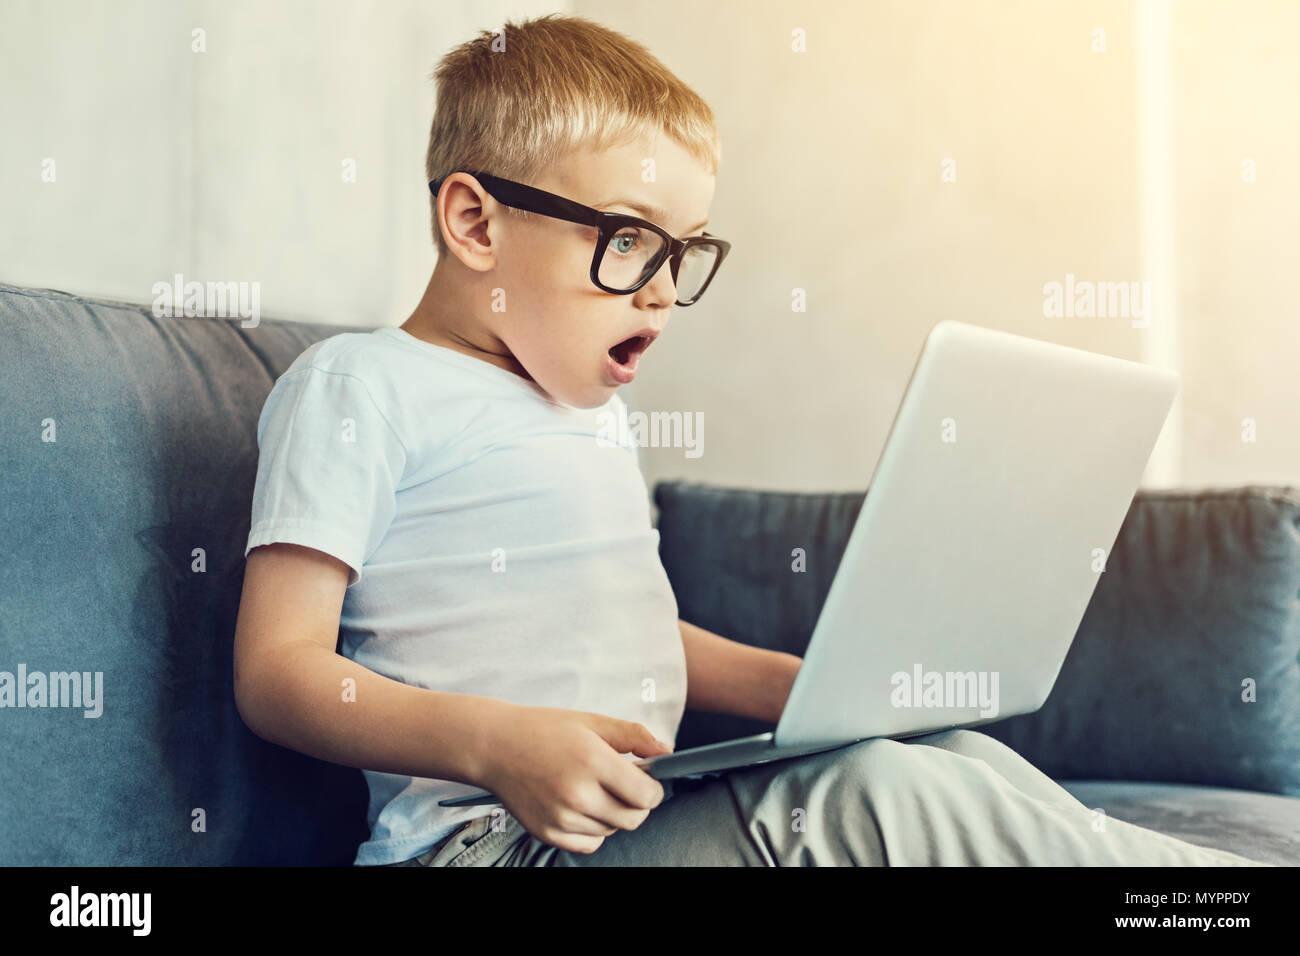 Stupito boy in bicchieri in possesso di un computer portatile Immagini Stock